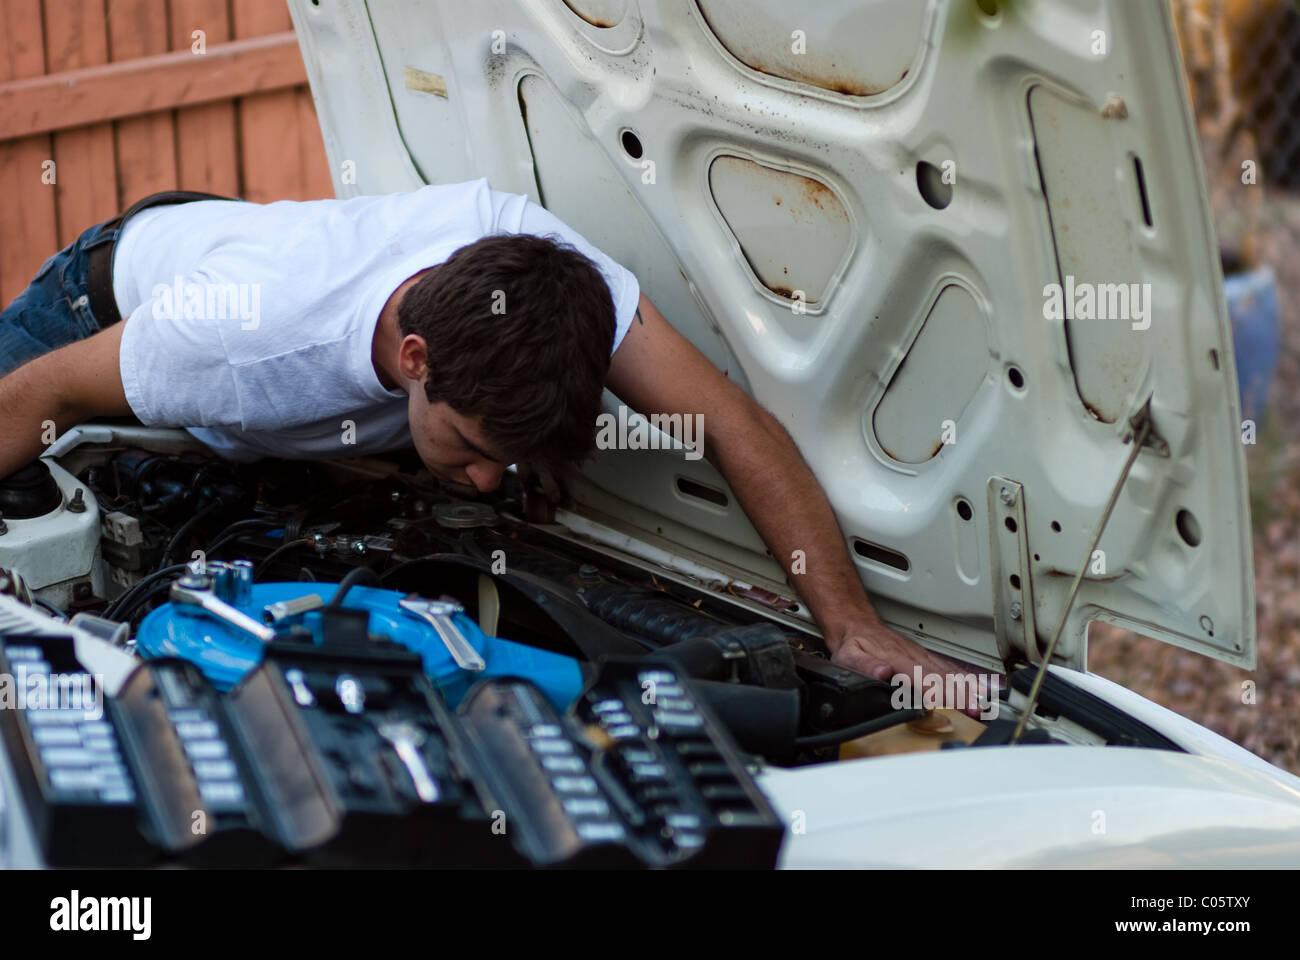 Uomo al lavoro su auto nel cortile. Do it yourself meccanico di eseguire la riparazione auto. Esaminando il vano Immagini Stock